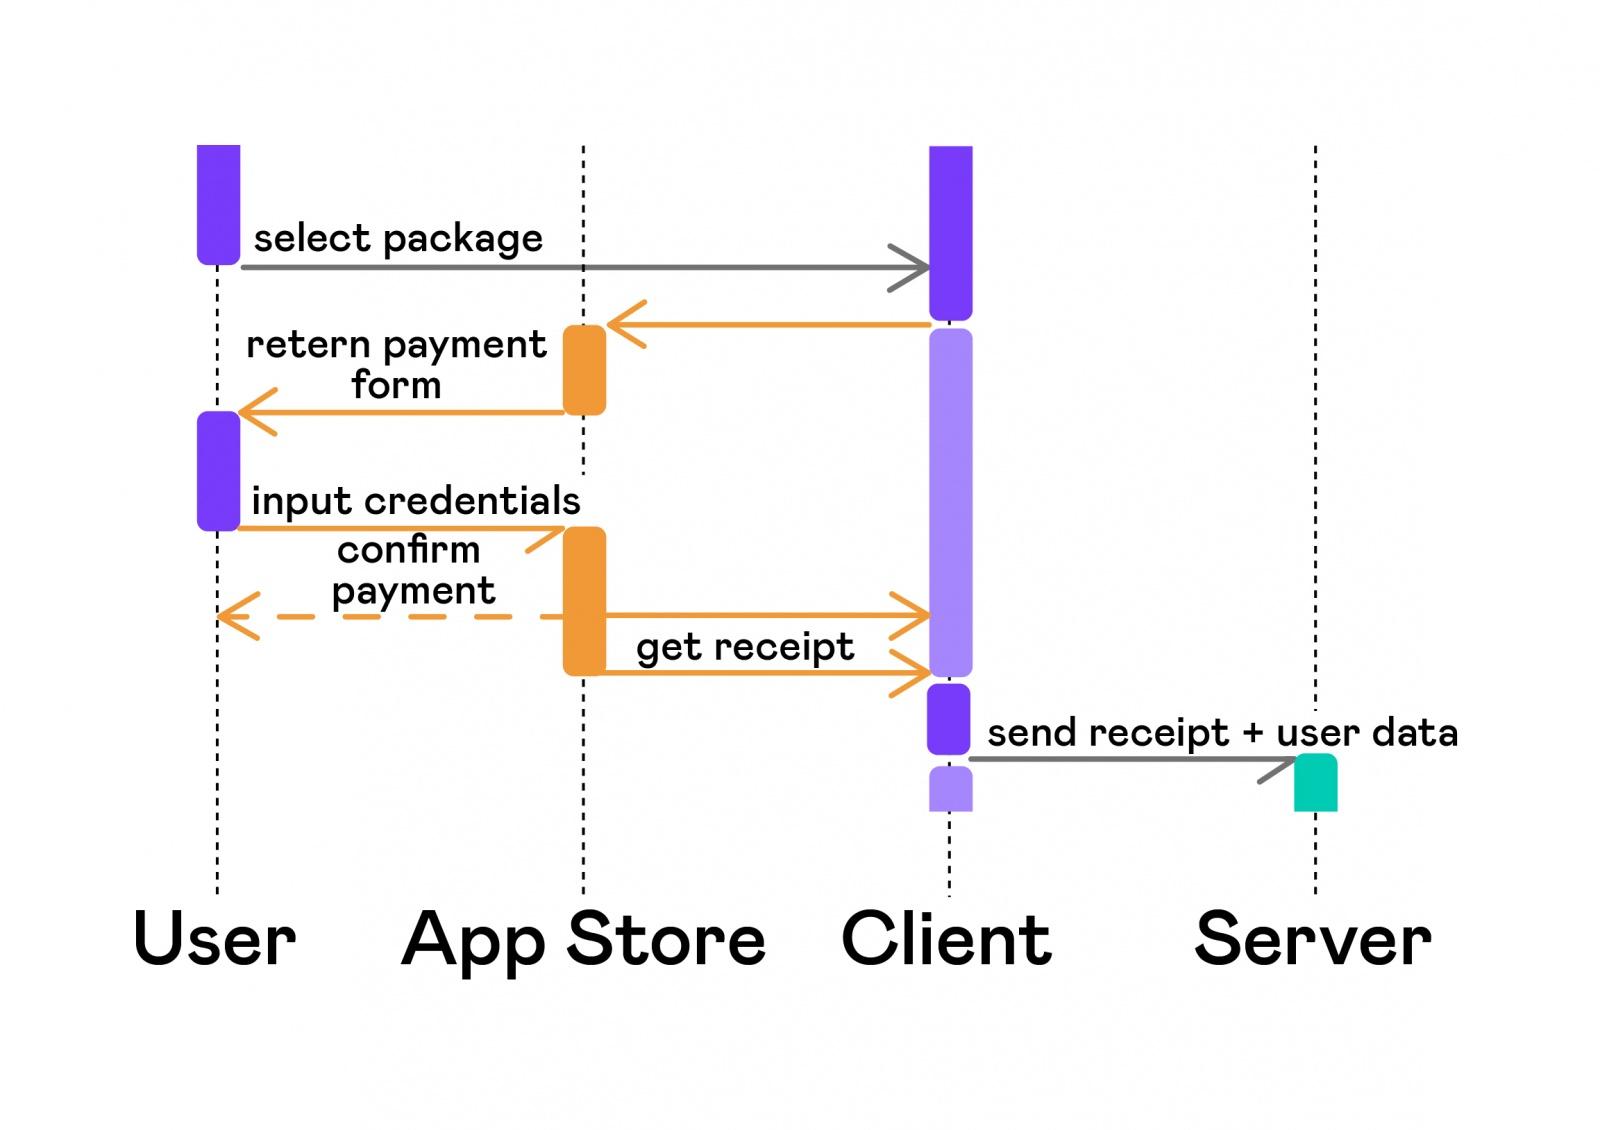 Автоматизация тестирования платных сервисов на iOS - 5